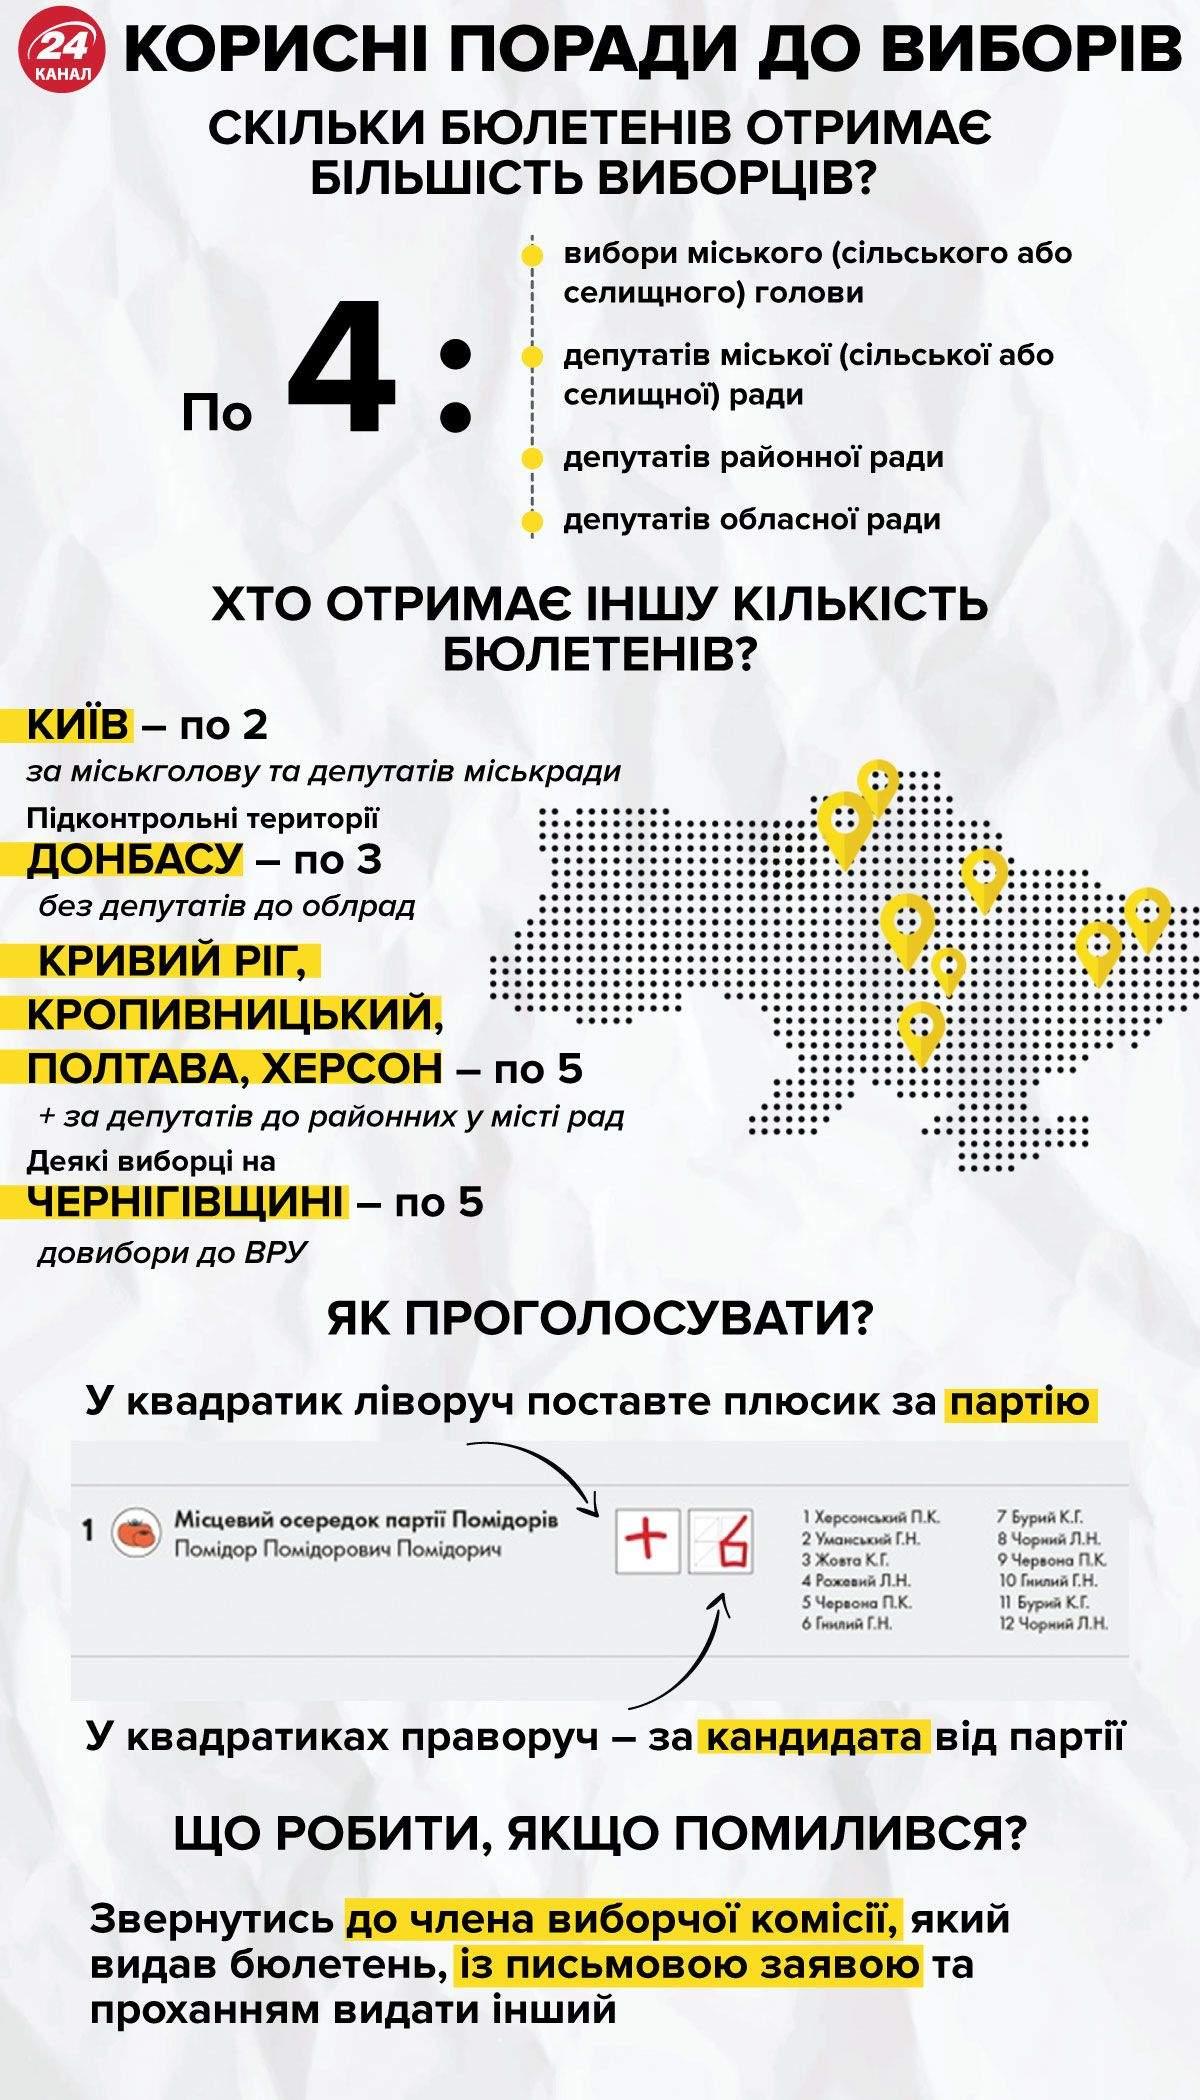 Количество бюллетеней у избирателя  Инфографика 24 канал